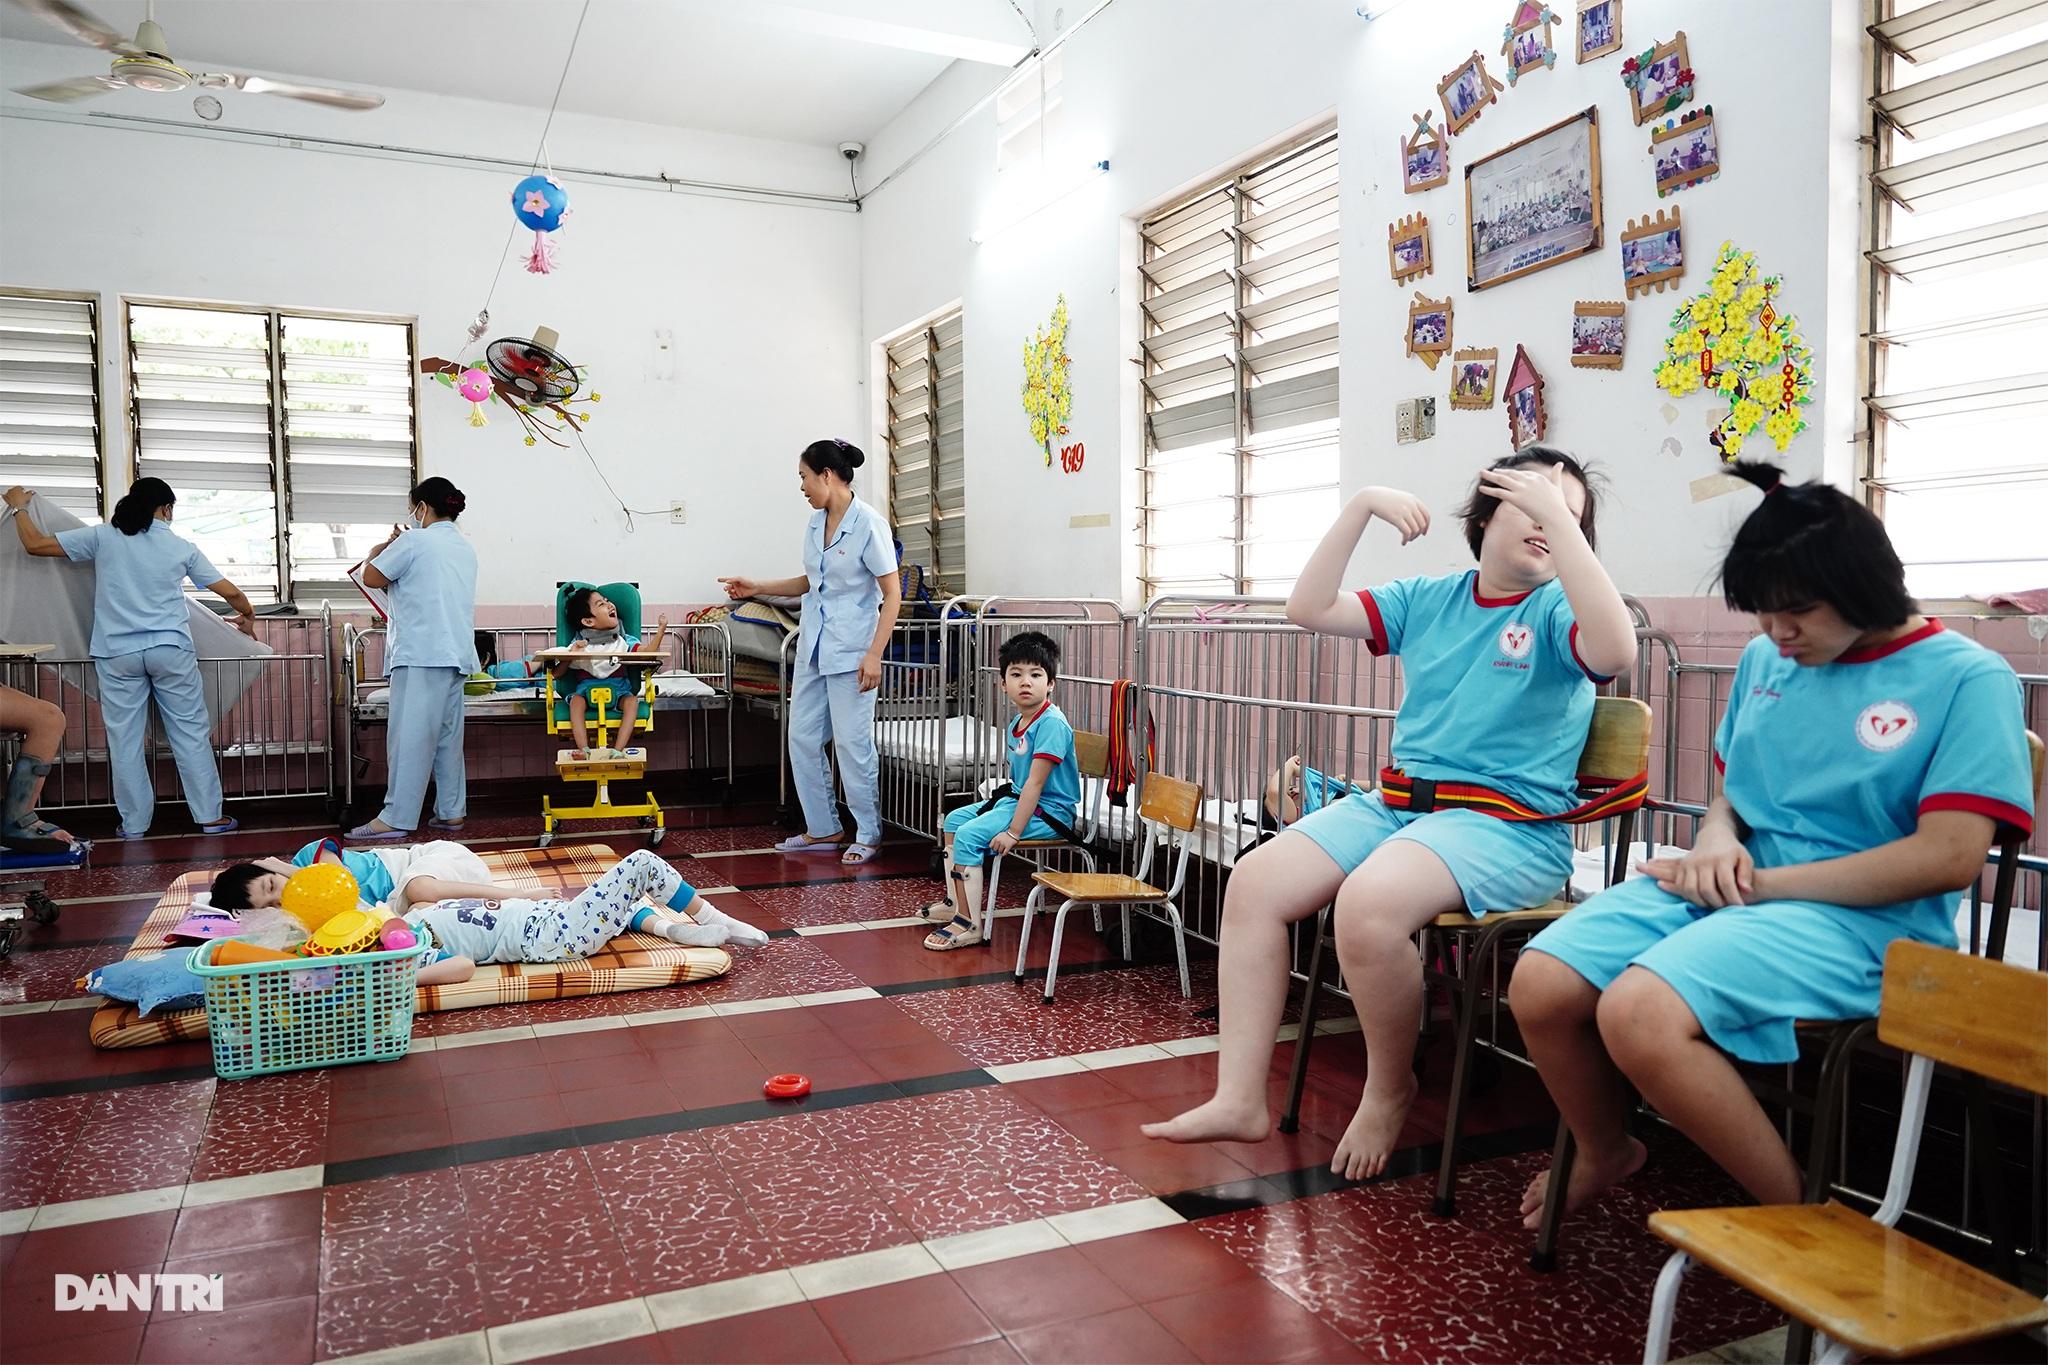 Dạy trẻ khuyết tật đòi hỏi phải kiên nhẫn và yêu thương - 1